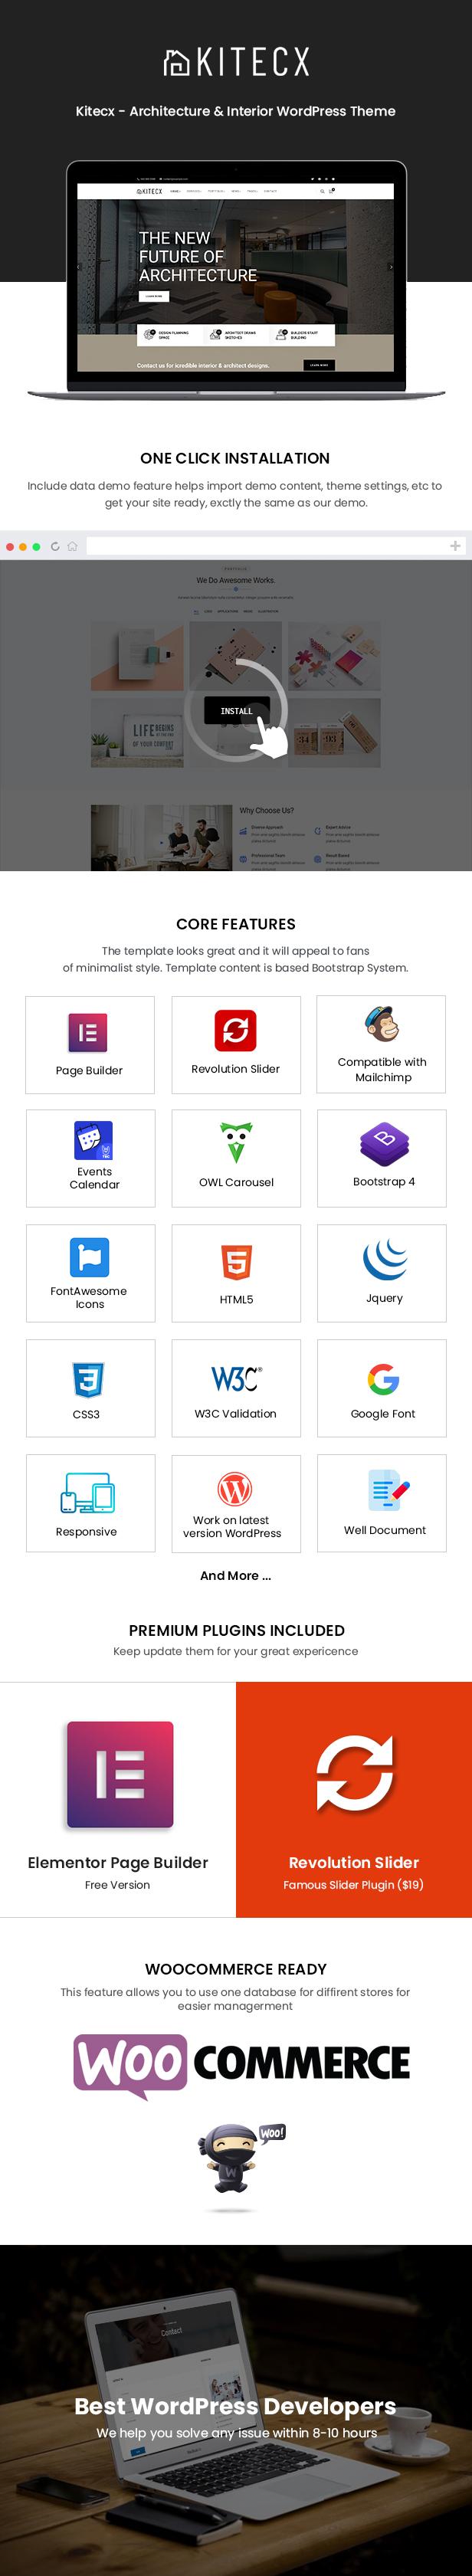 Kitecx WordPress Theme